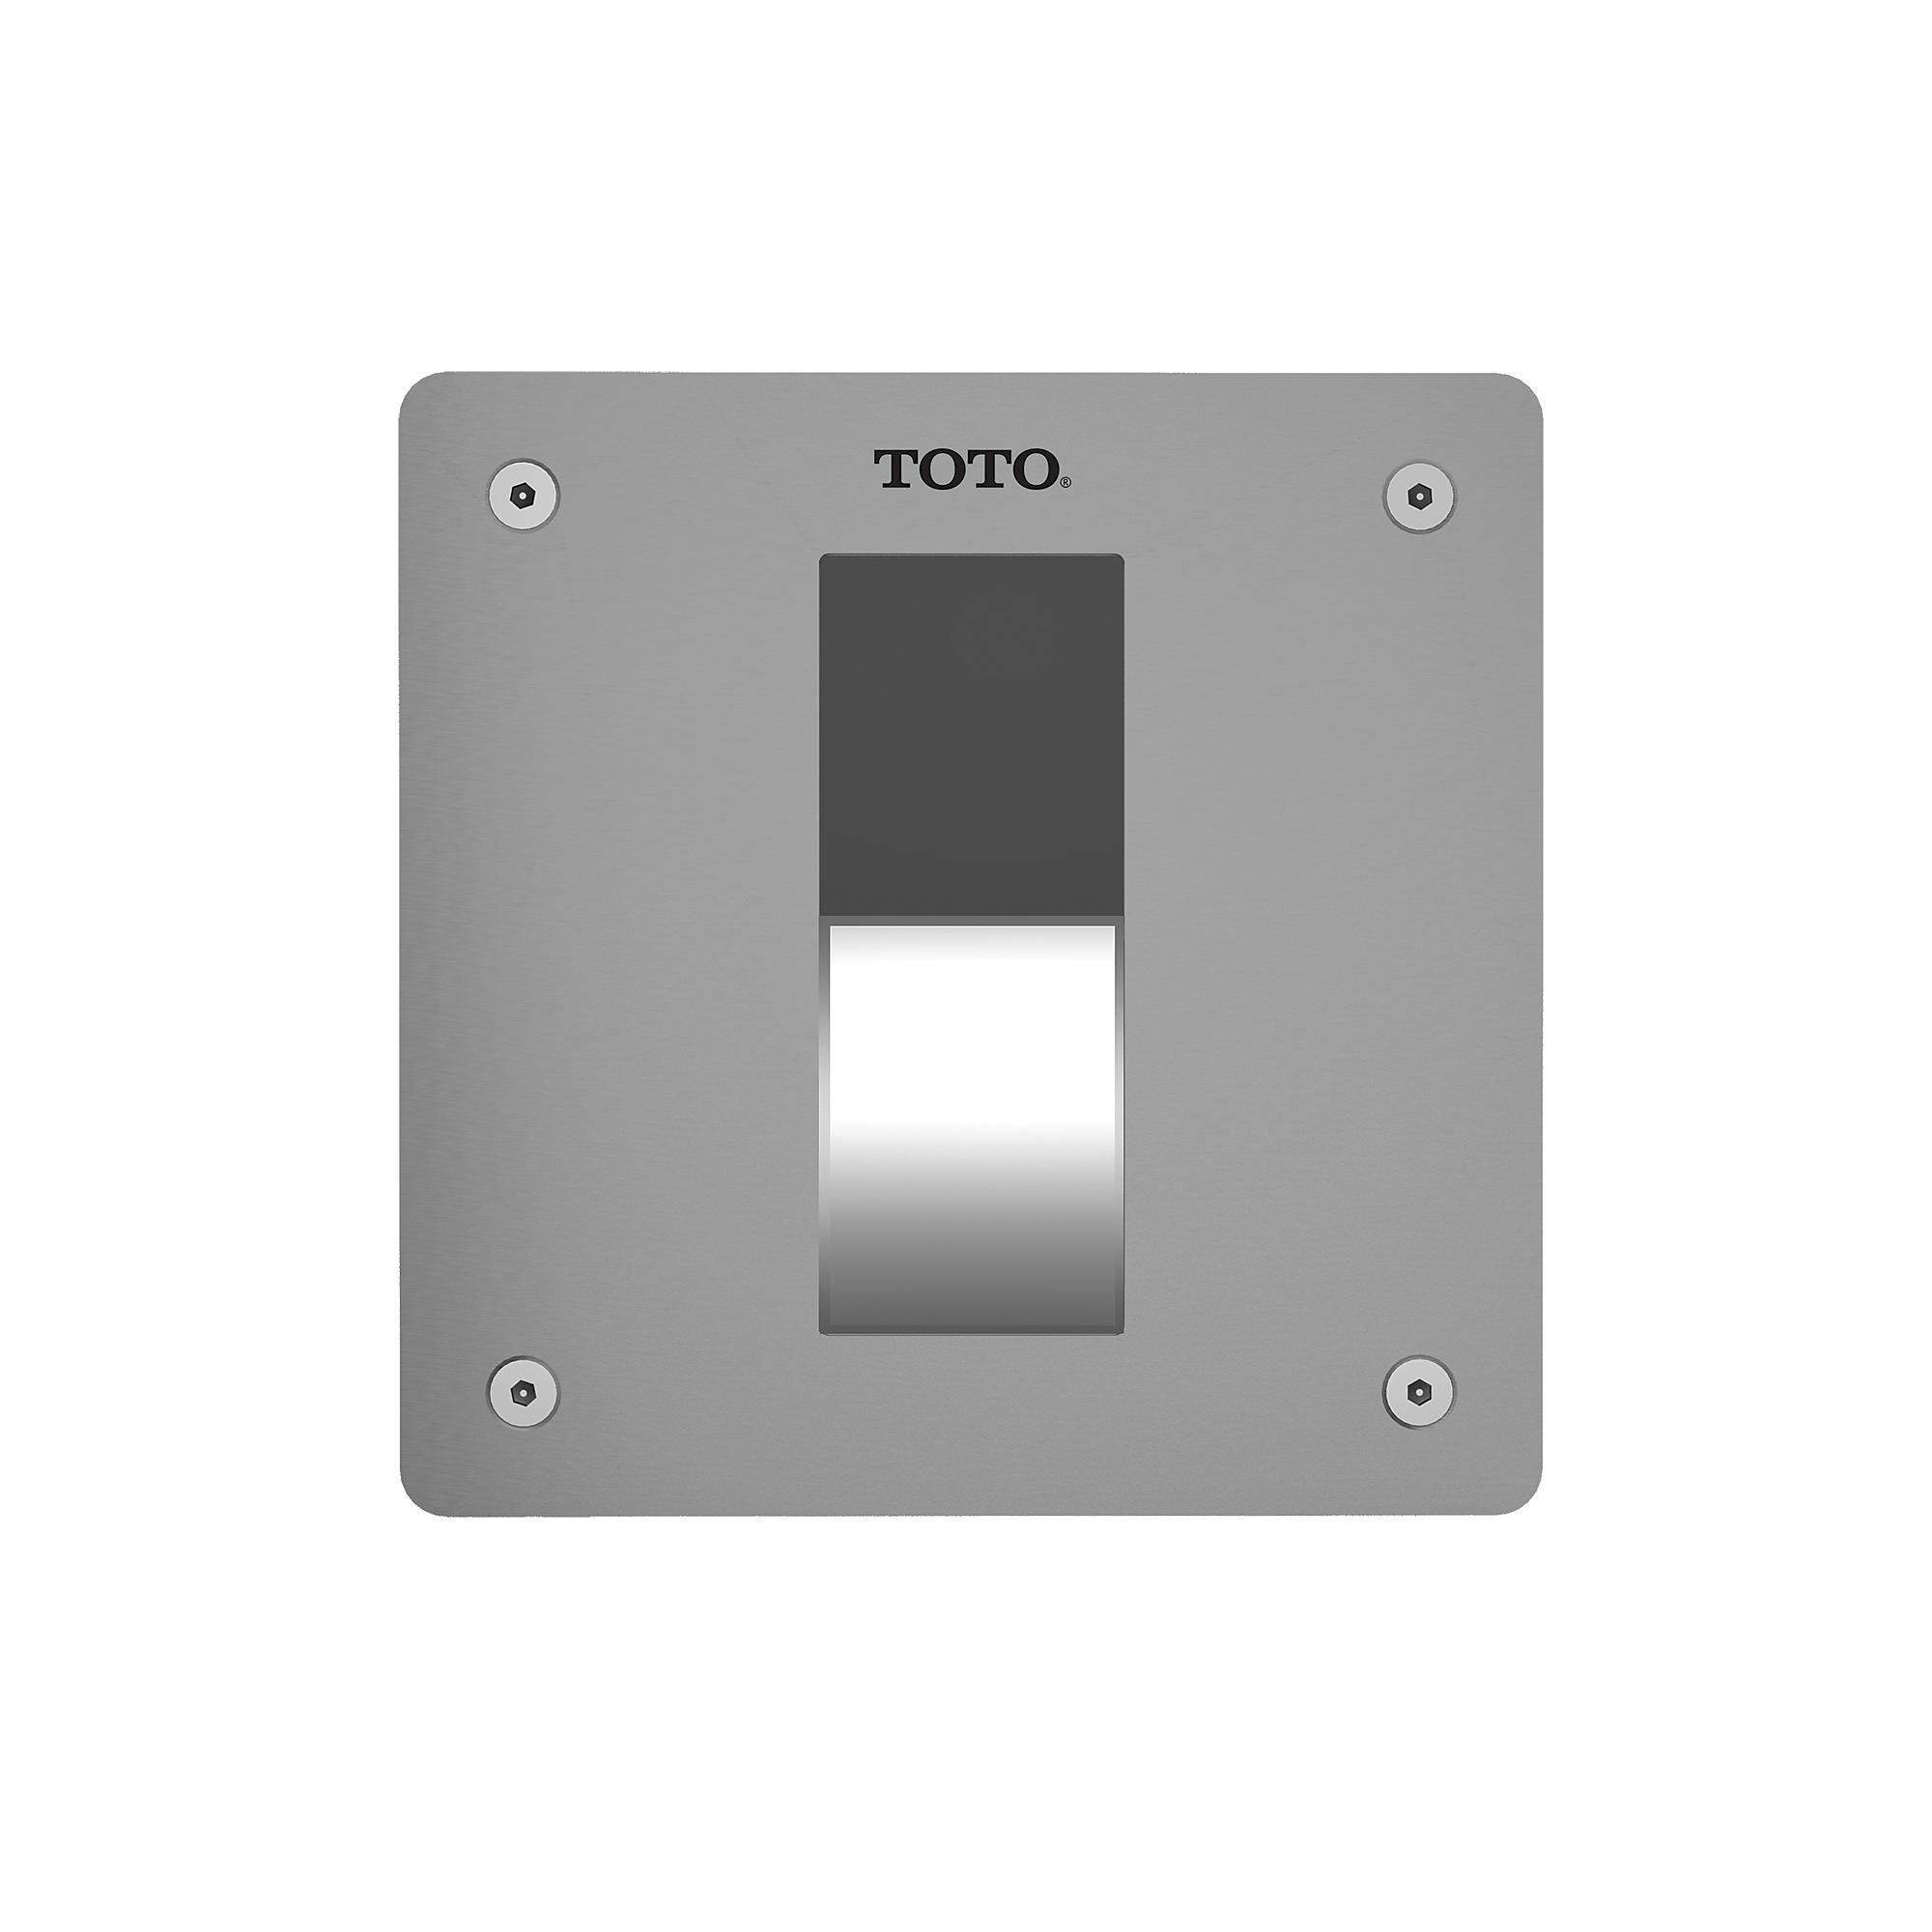 Tet3la32 ss ecopower  high efficiency concealed toilet flush valve 4  x 4    1 28 gpf  v b  set   top spud  0